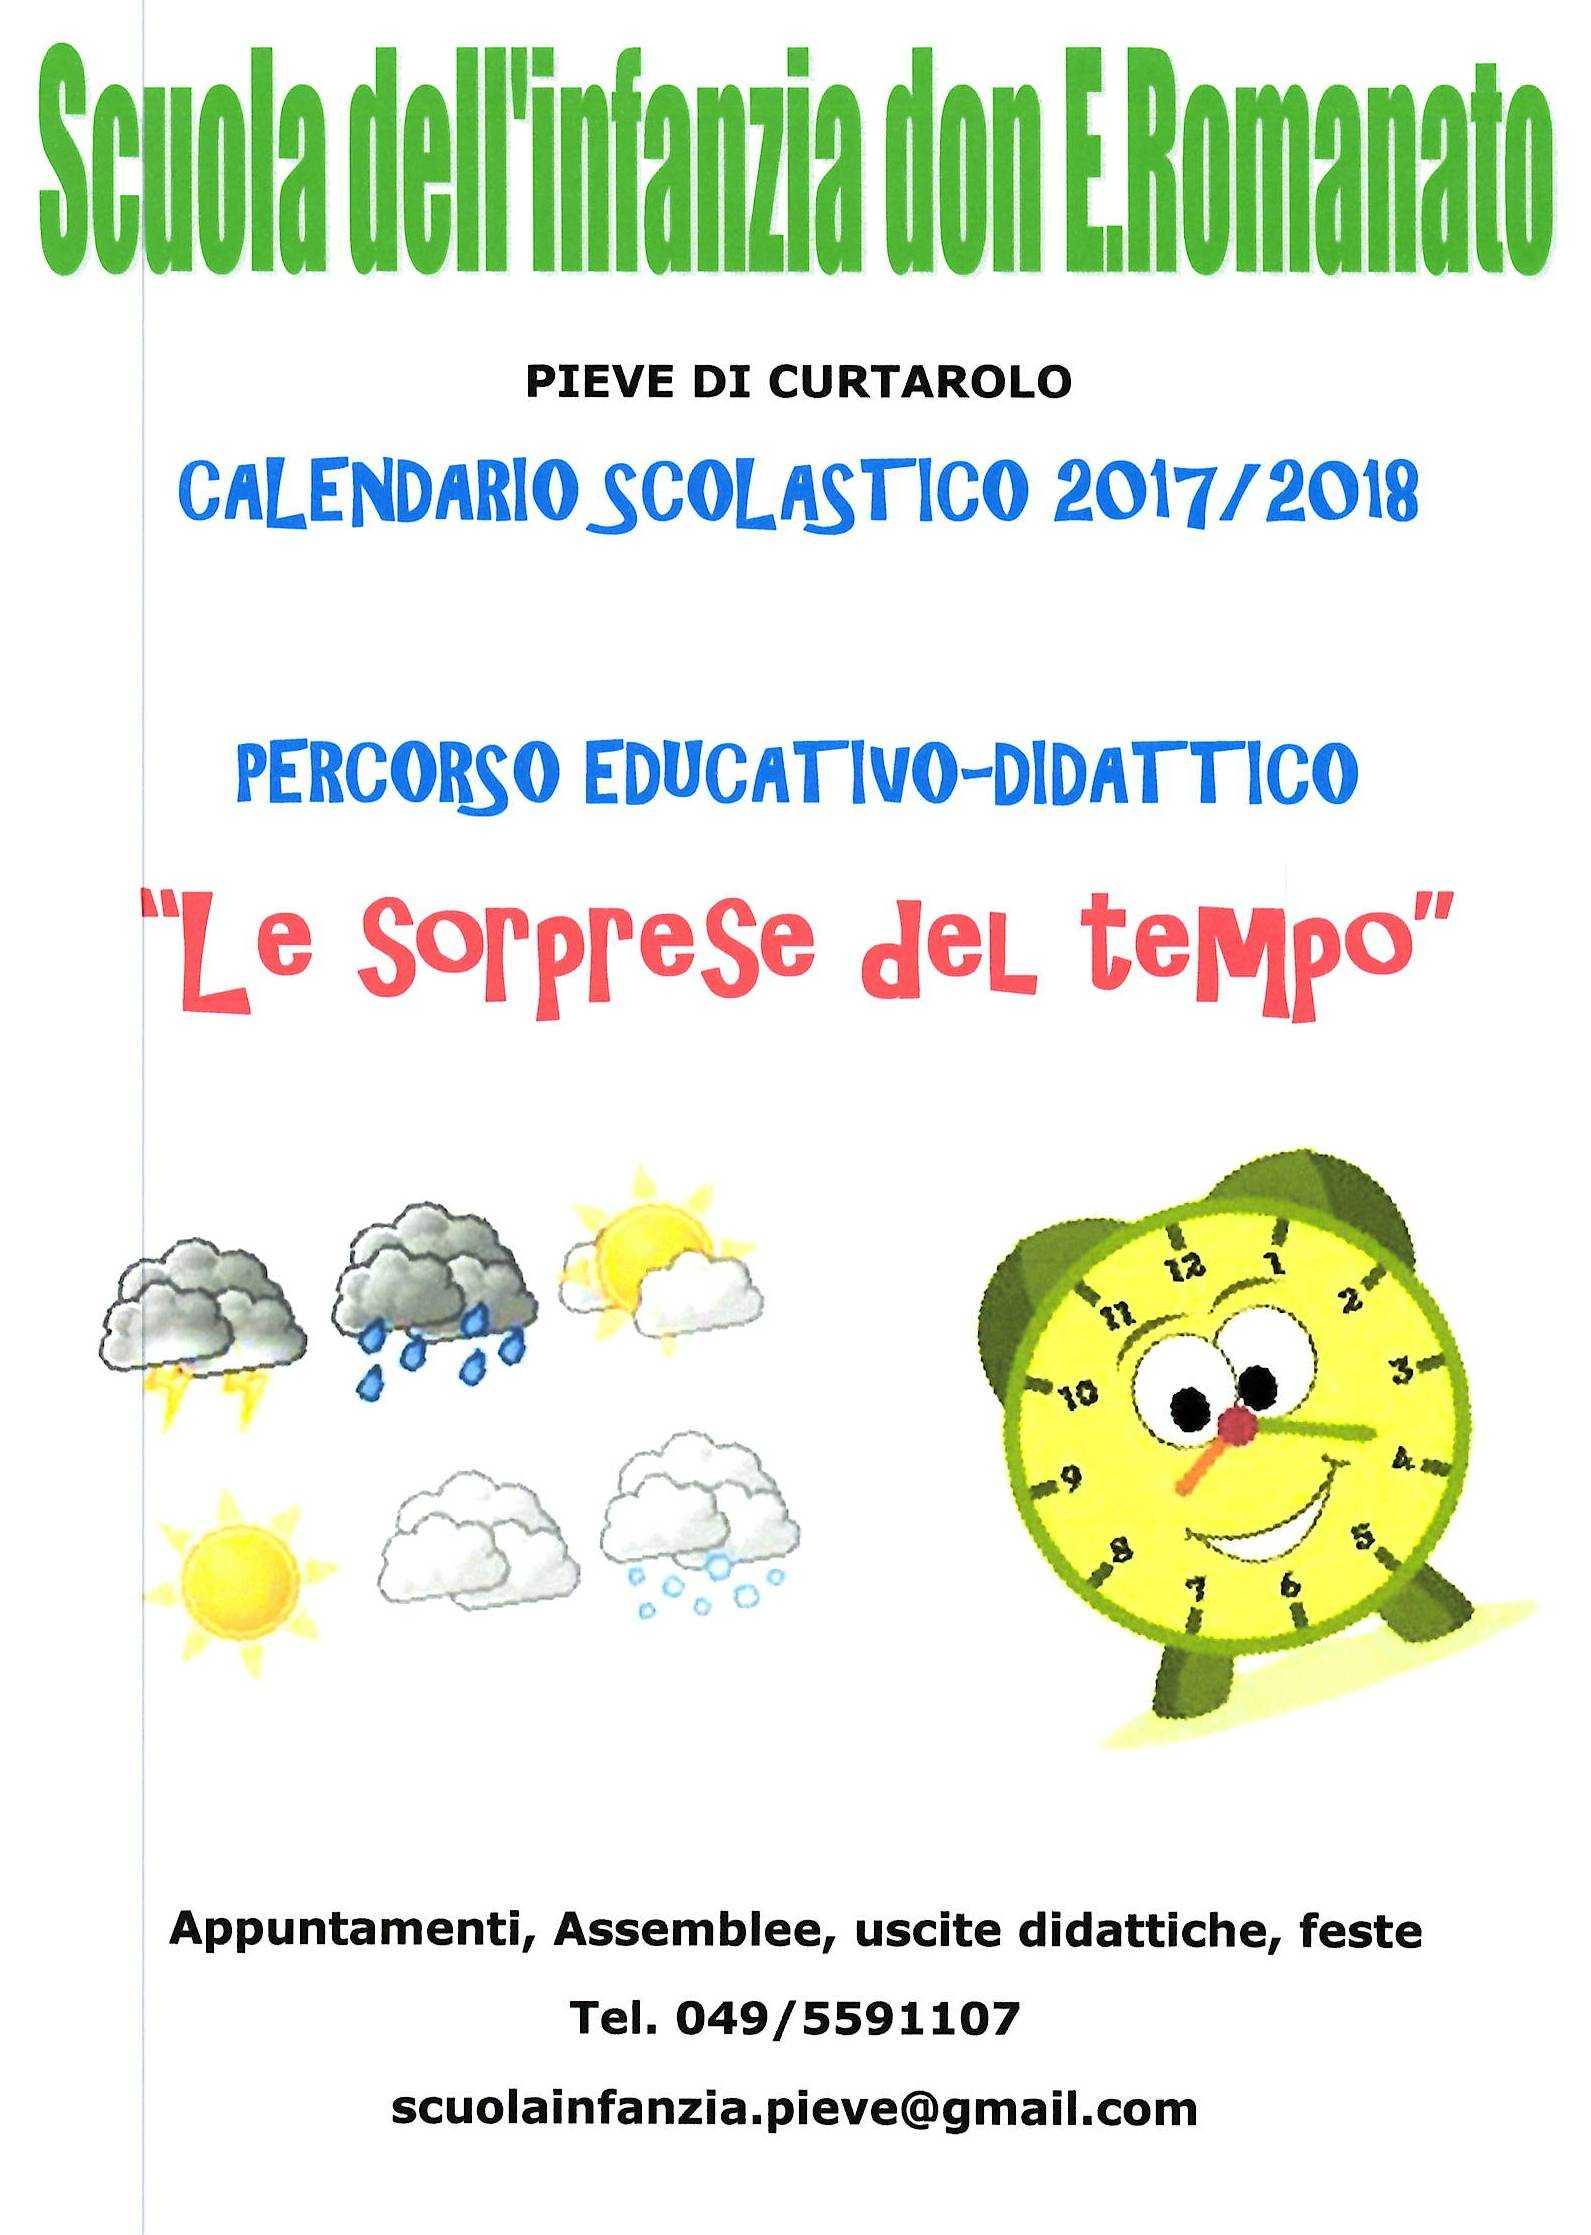 Calendario Del Tempo Scuola Infanzia.Scuola Dell Infanzia